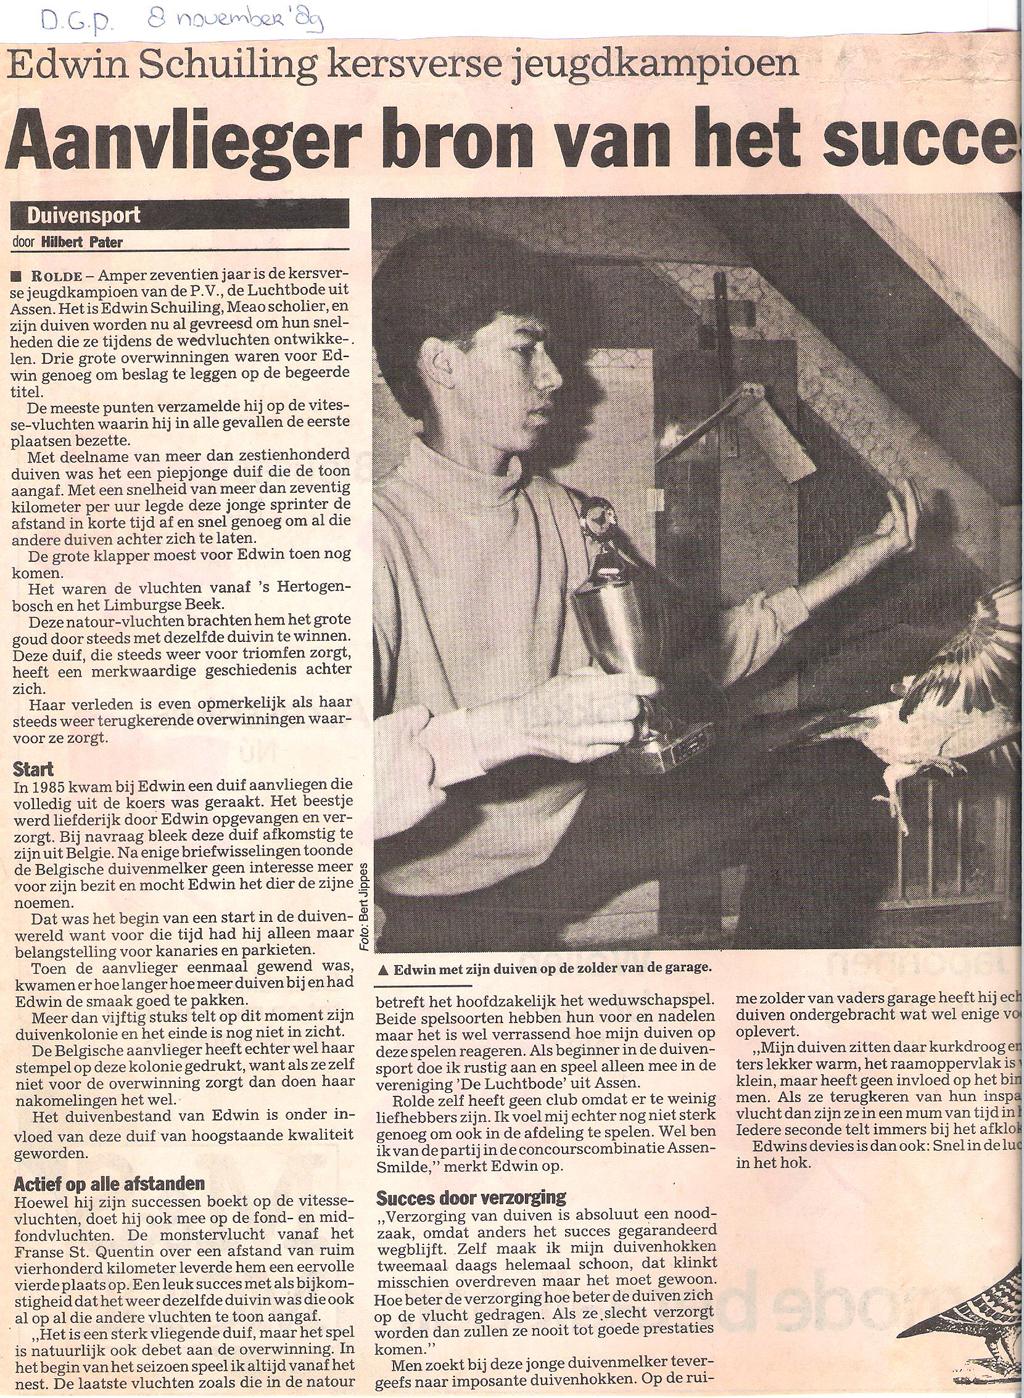 dgp-1989